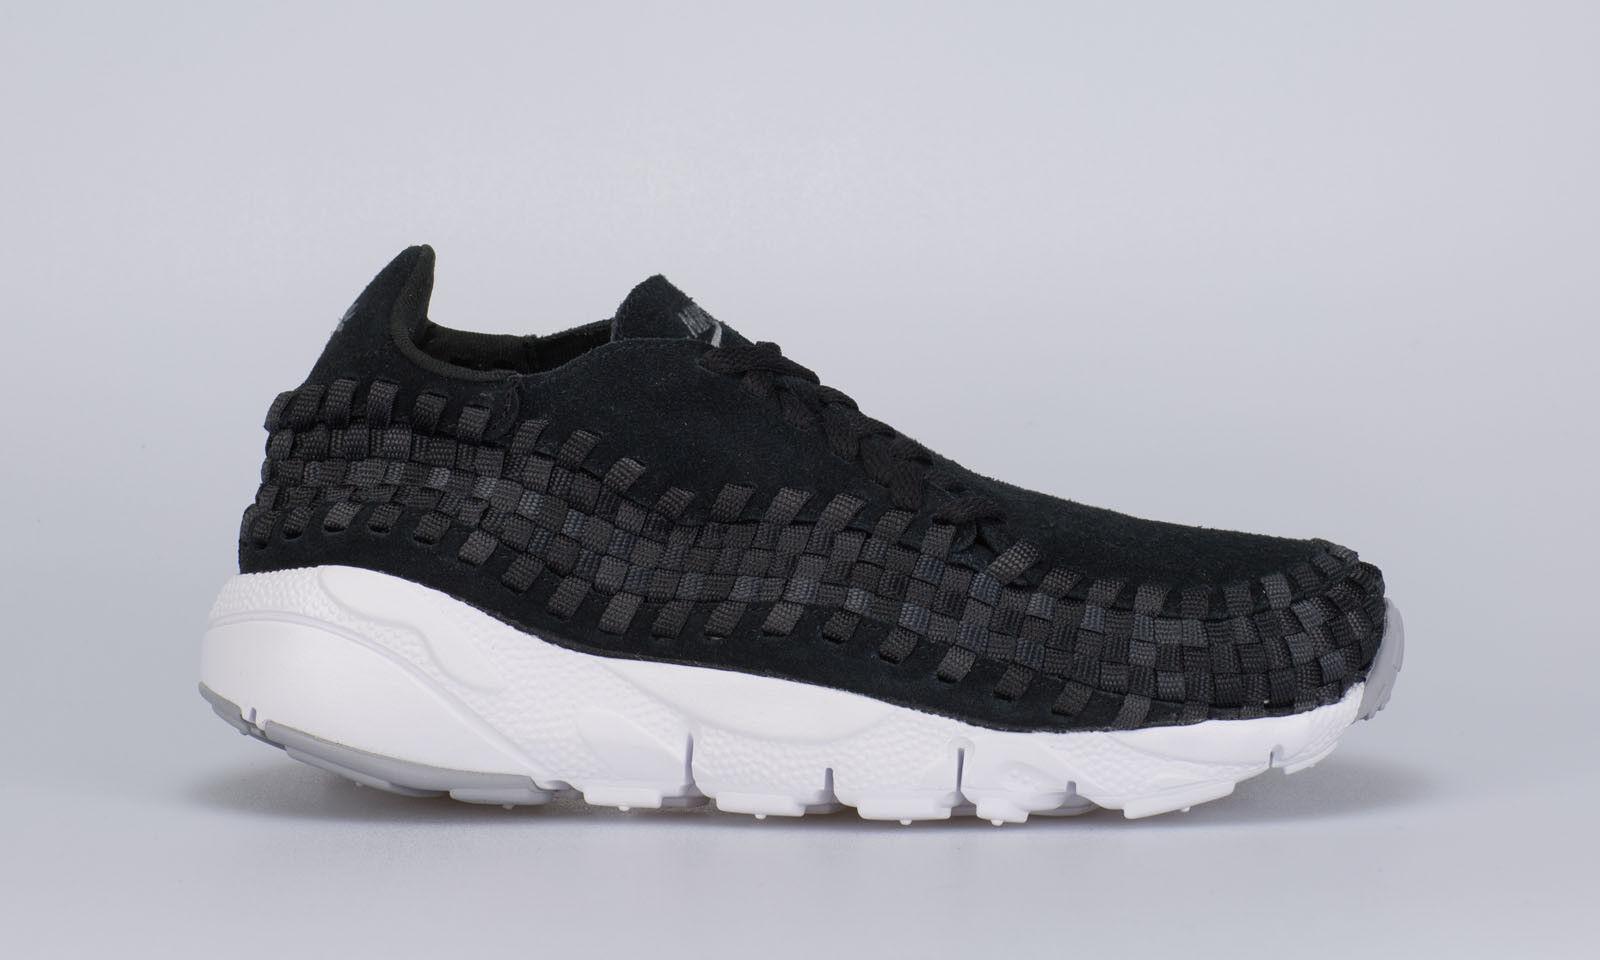 Nike Air neu Footscape Woven NM neu Air Sneaker Gr:40 schwarz schwarz free flyknit 90 97 f9a73d